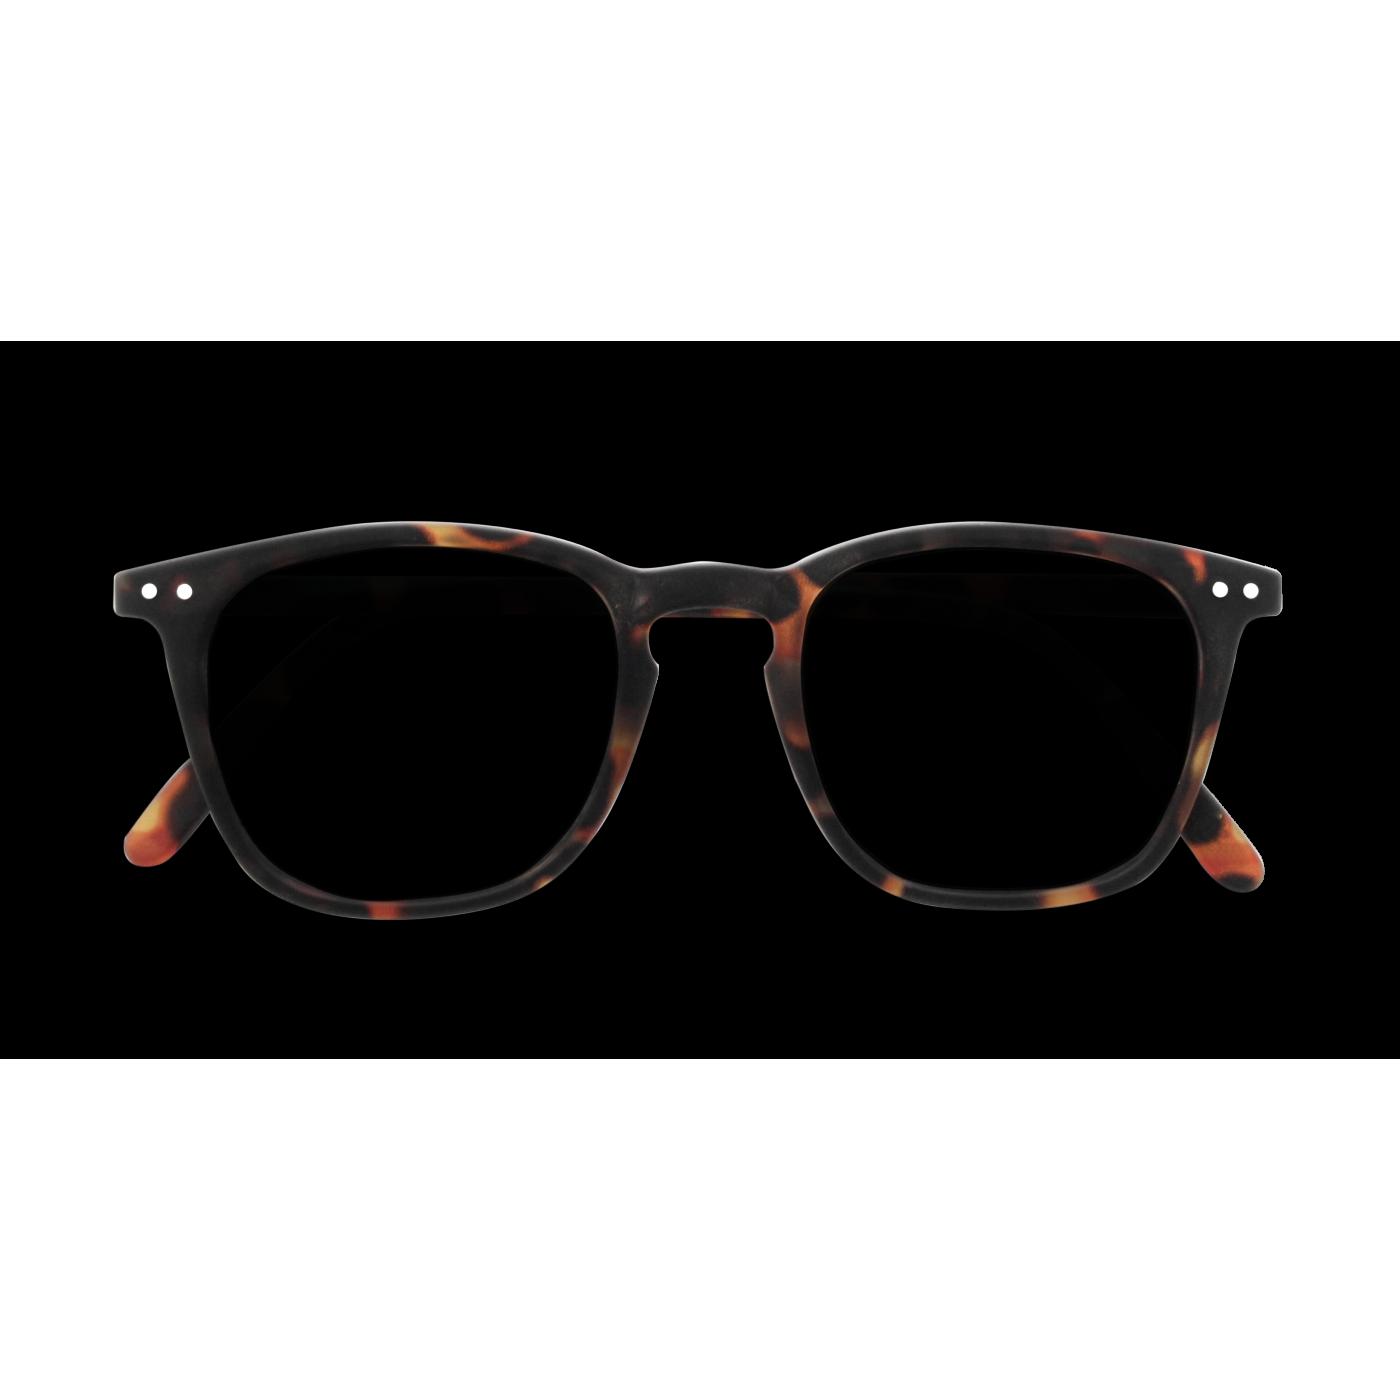 Solbriller mstyrke #E skilpadde +1.50 Backe i Grensen